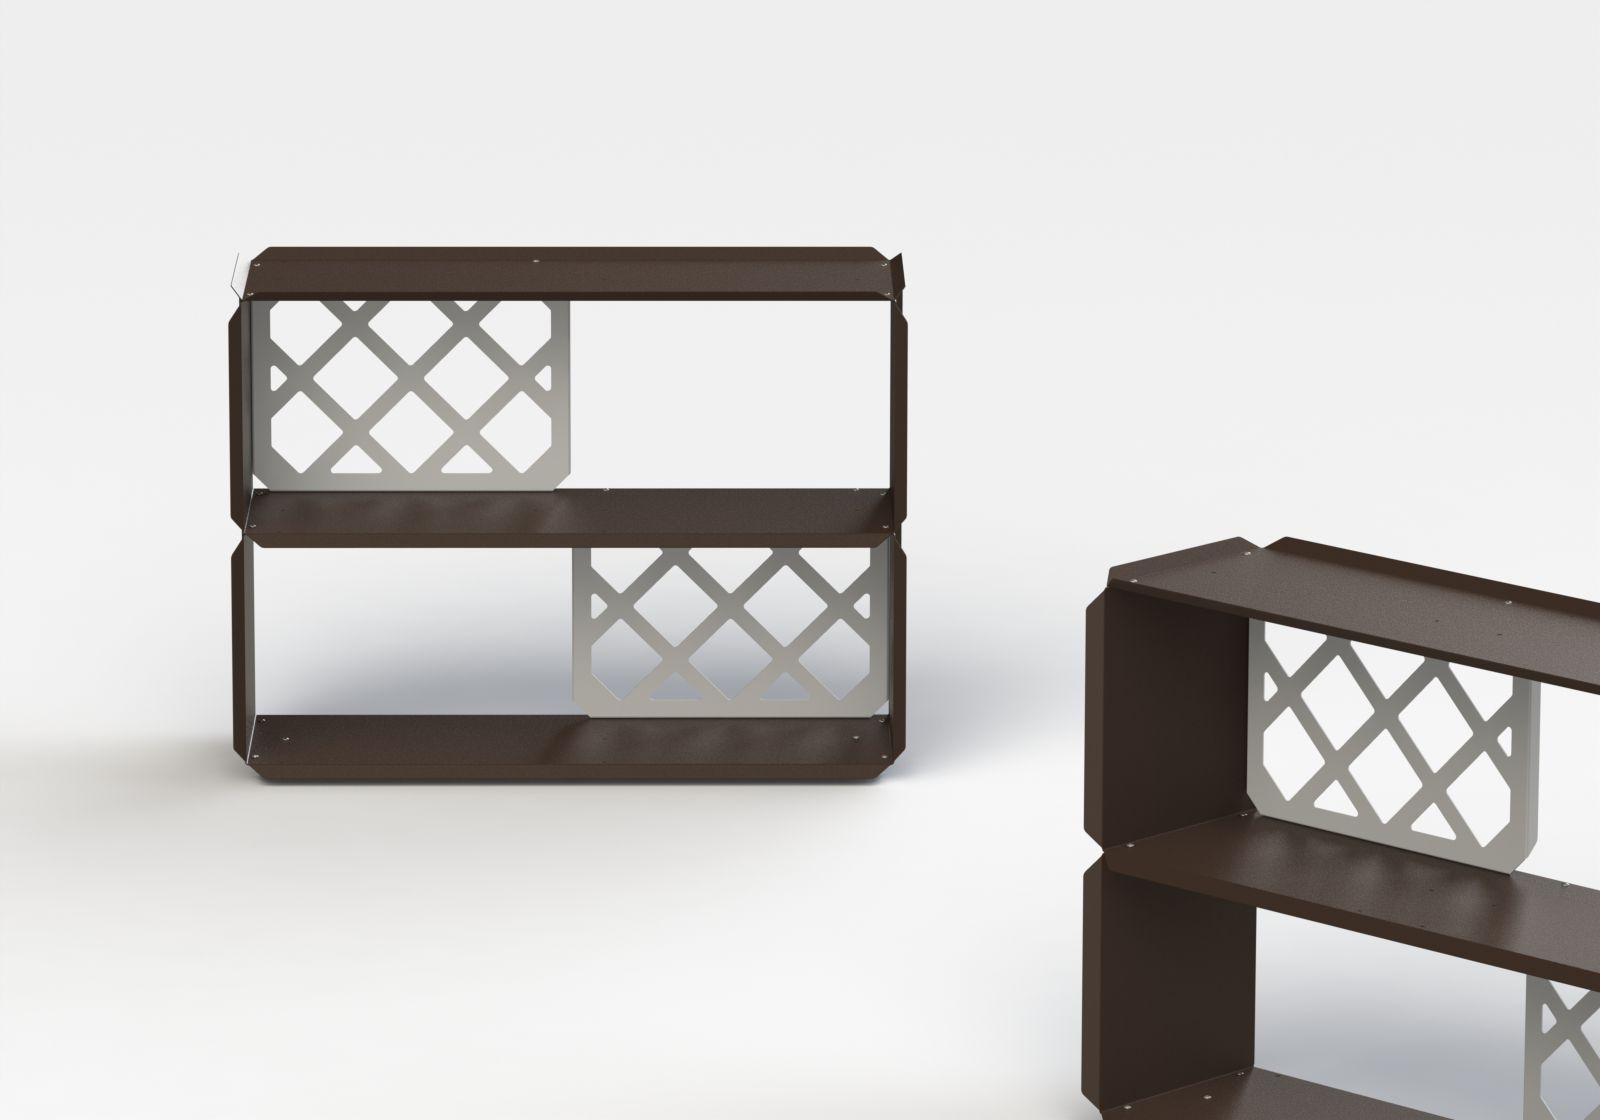 Libreria di design plane per la casa m2 100 for Design per la casa online